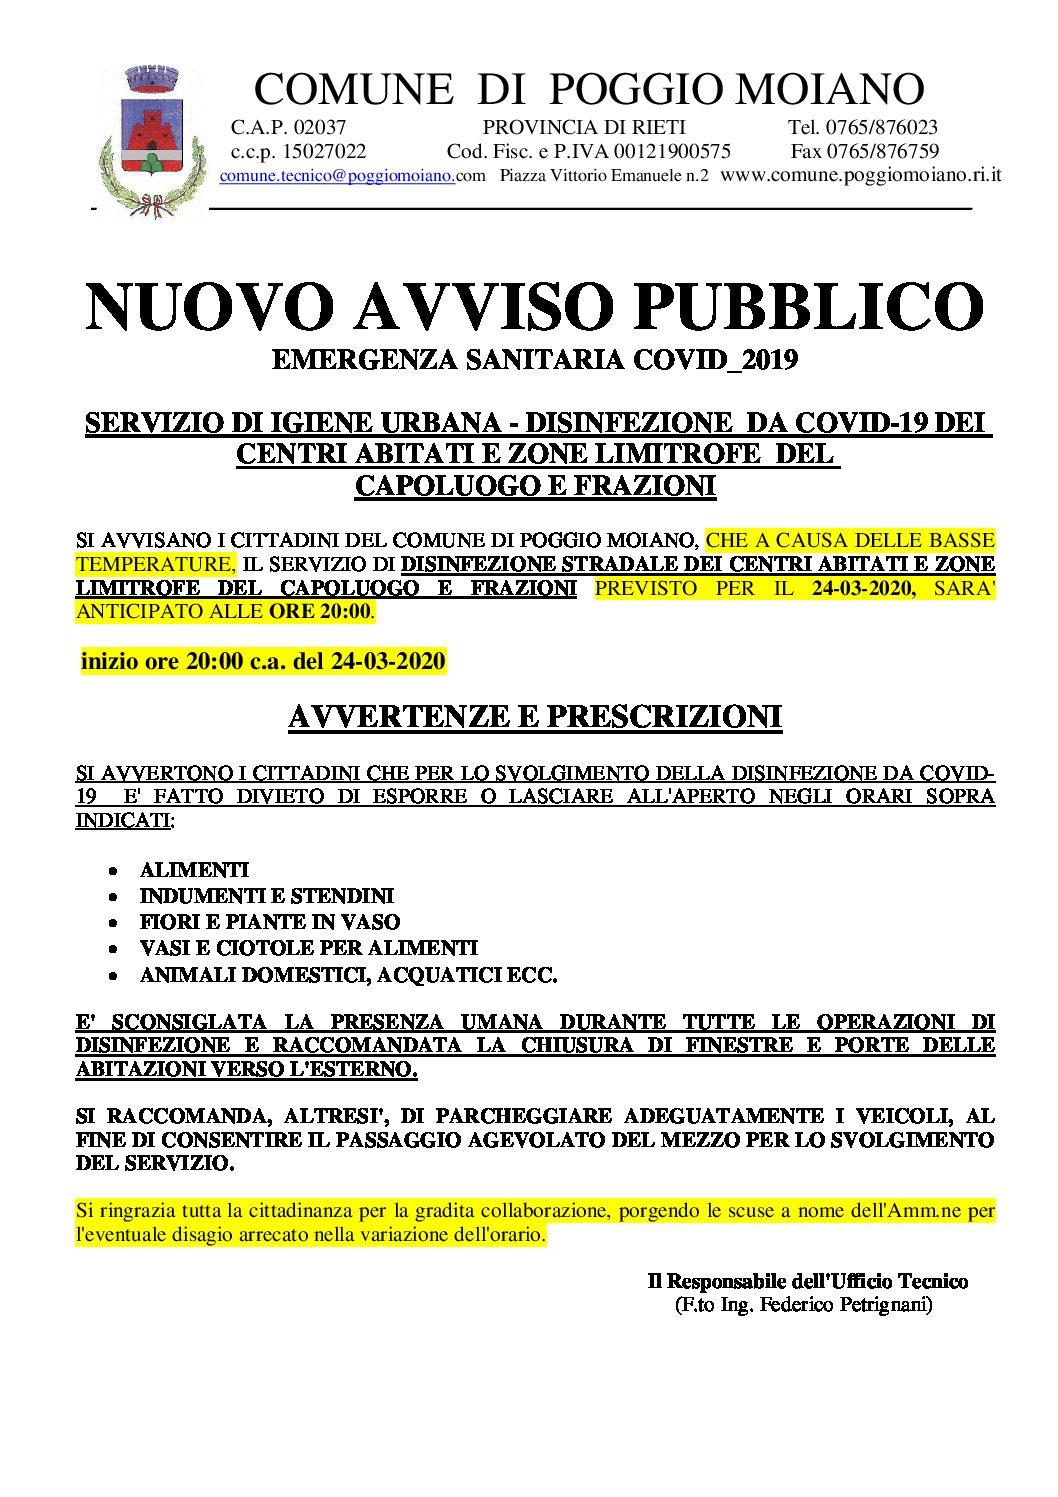 NUOVO AVVISO PUBBLICO SANIFICAZIONE STRADE